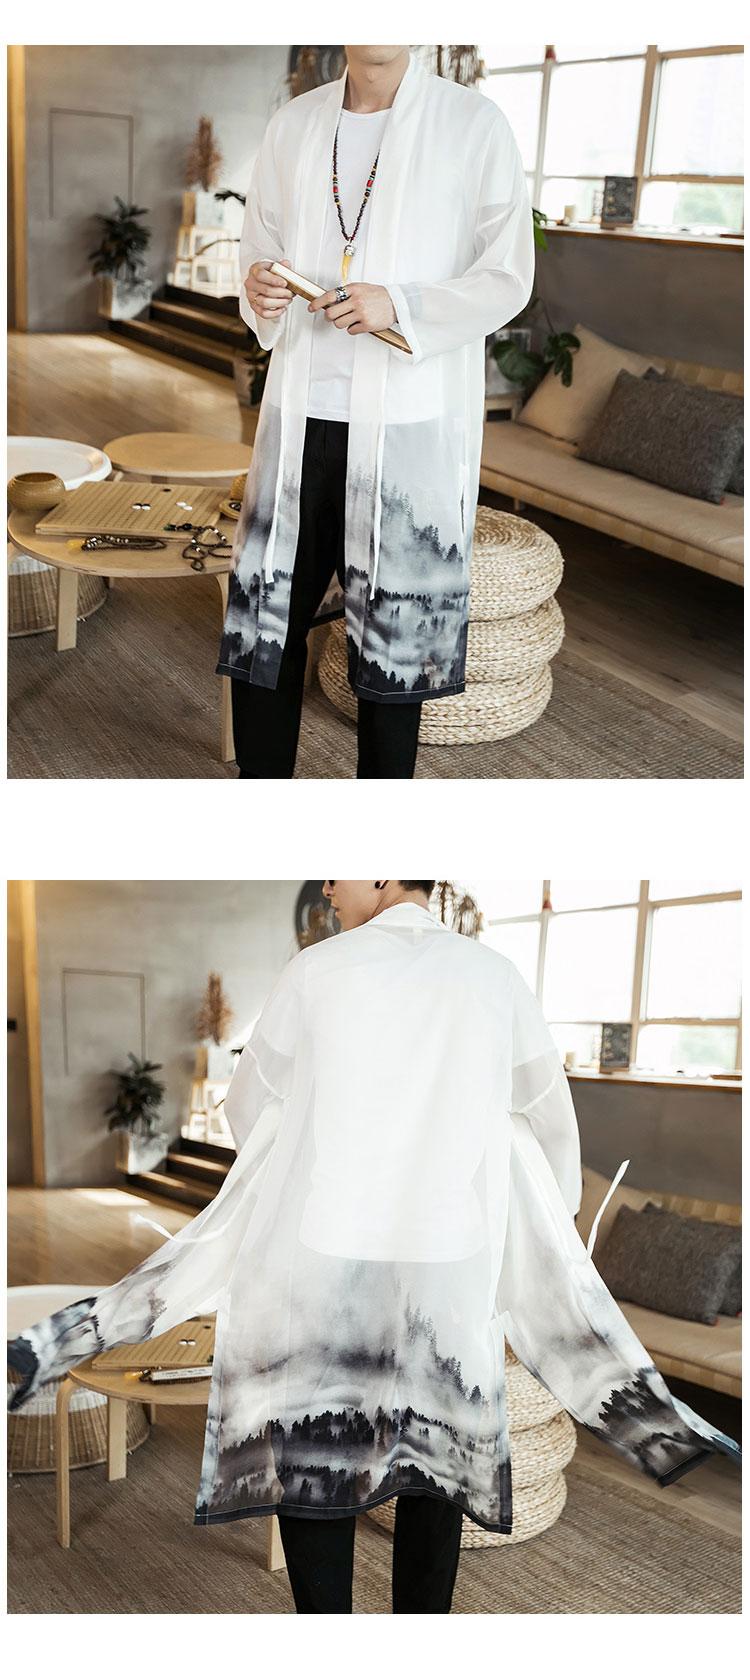 2019夏装中国风男装夏季雪纺薄款风衣男防晒衣长衫C229/F26/P85